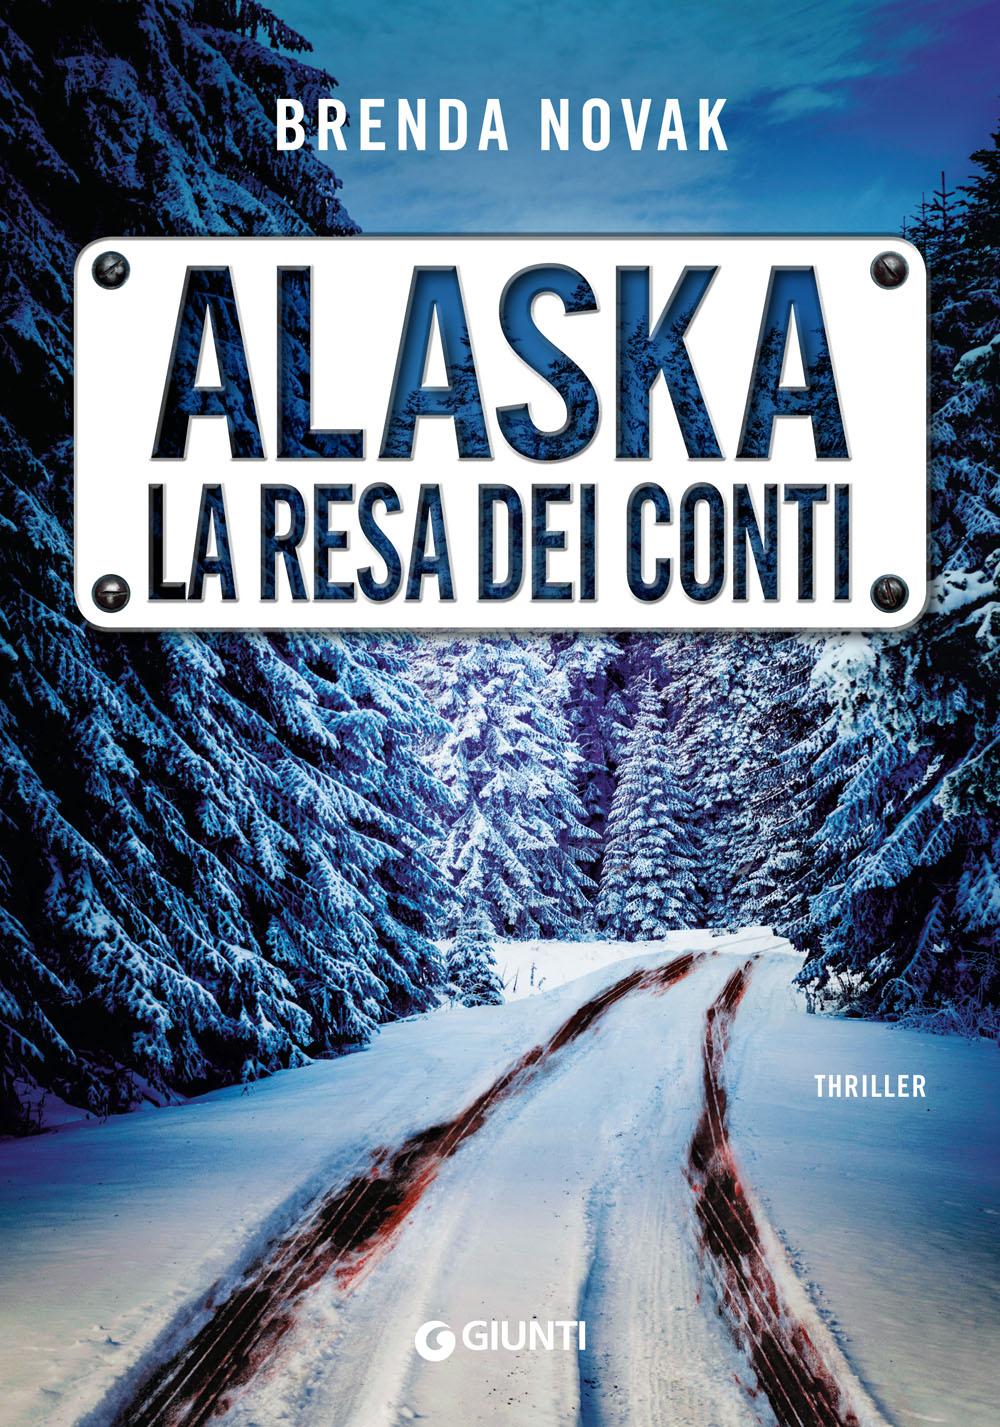 Alaska la resa dei conti